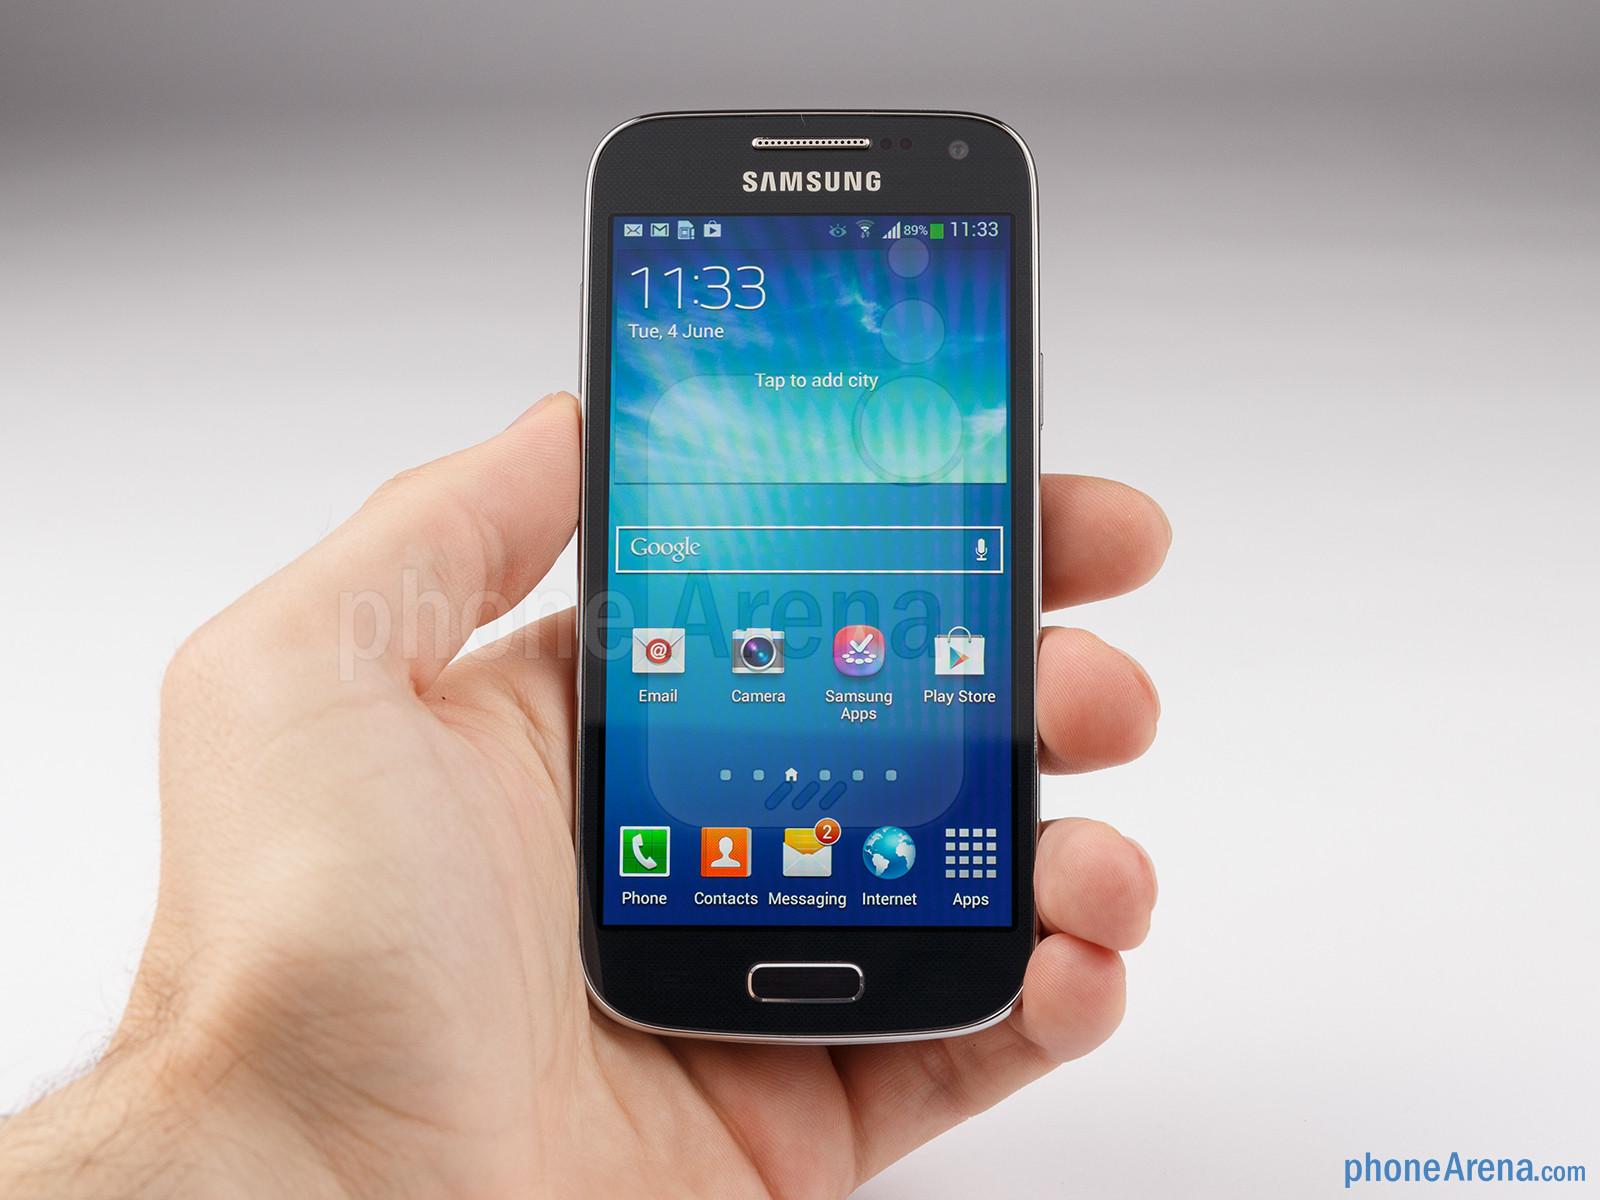 Samsung Galaxy S4 Mini [GT-i9190] root ve cwm 6.0.4.5 yükleme [Kitkat destekli] Samsung Galaxy S4 Mini root Kitkat destekli GT-i9190 cwm 6.0.4.5 yükleme